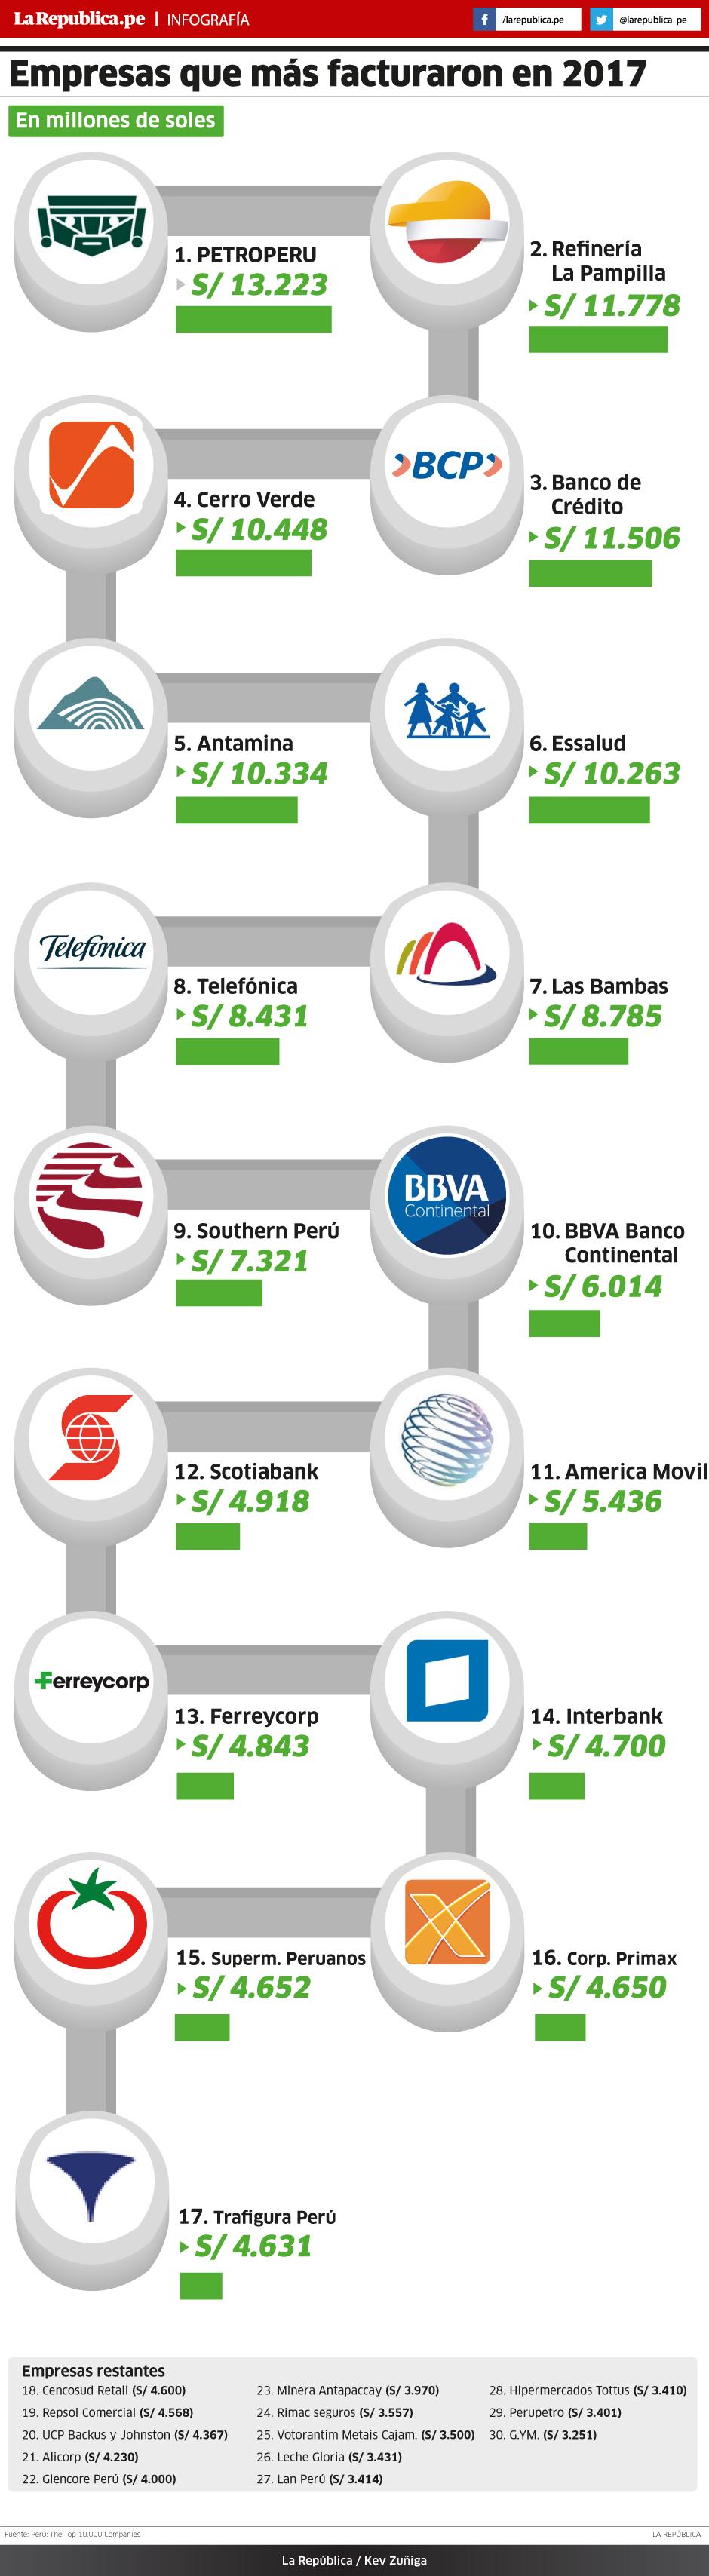 Empresas que más facturaron en el 2017